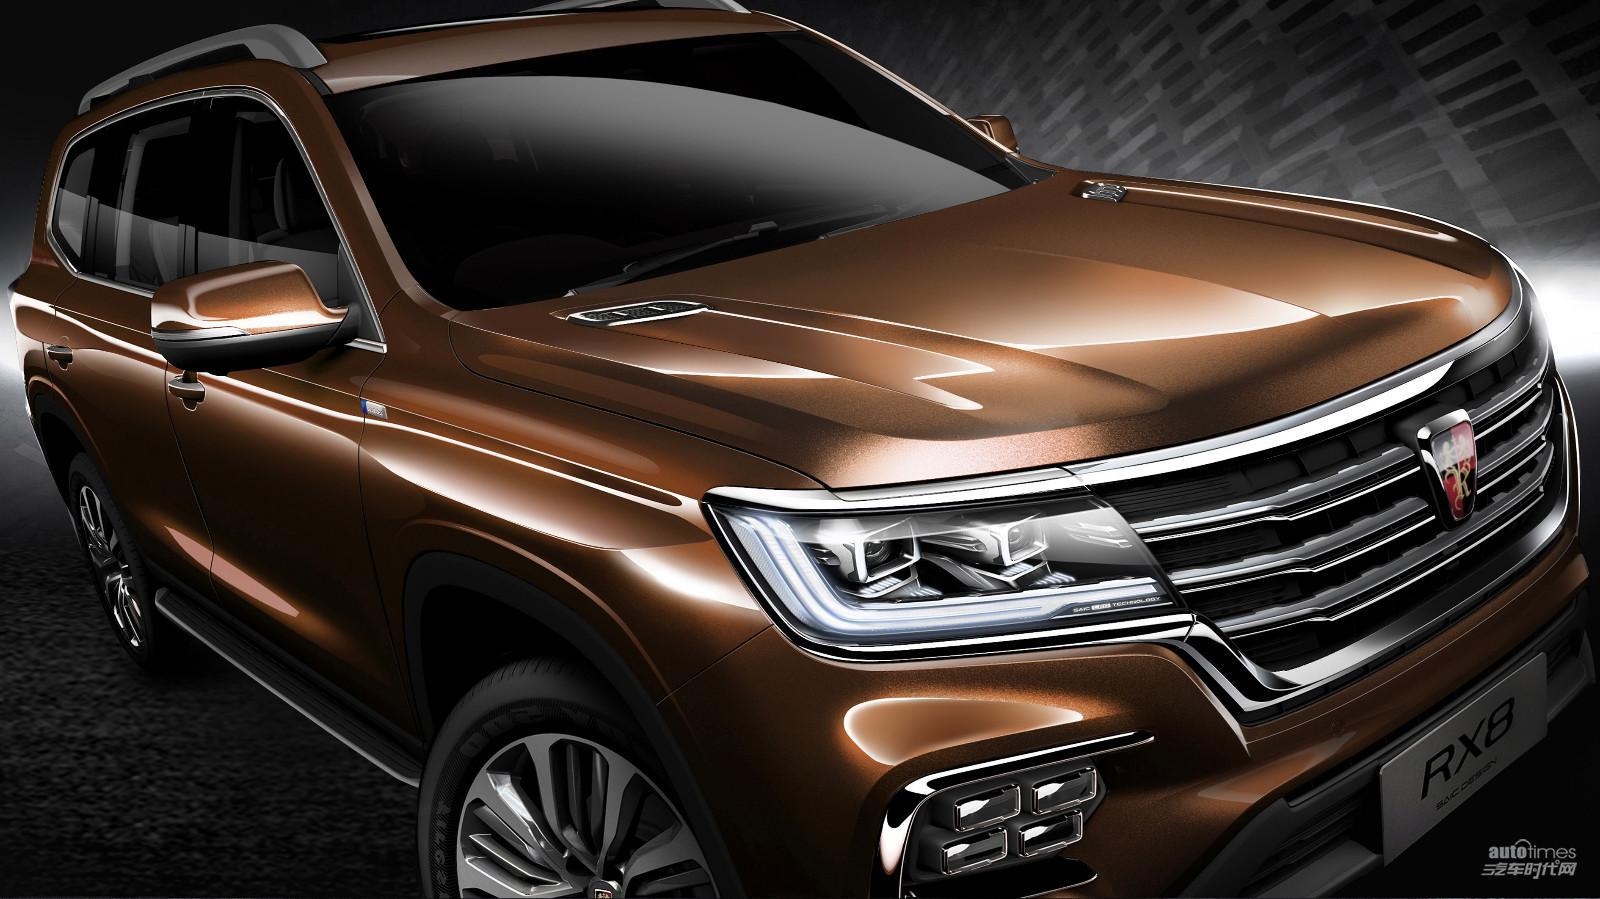 """基于新一代IS平台打造 上汽首款大型豪华七座SUV命名""""荣威RX8"""""""